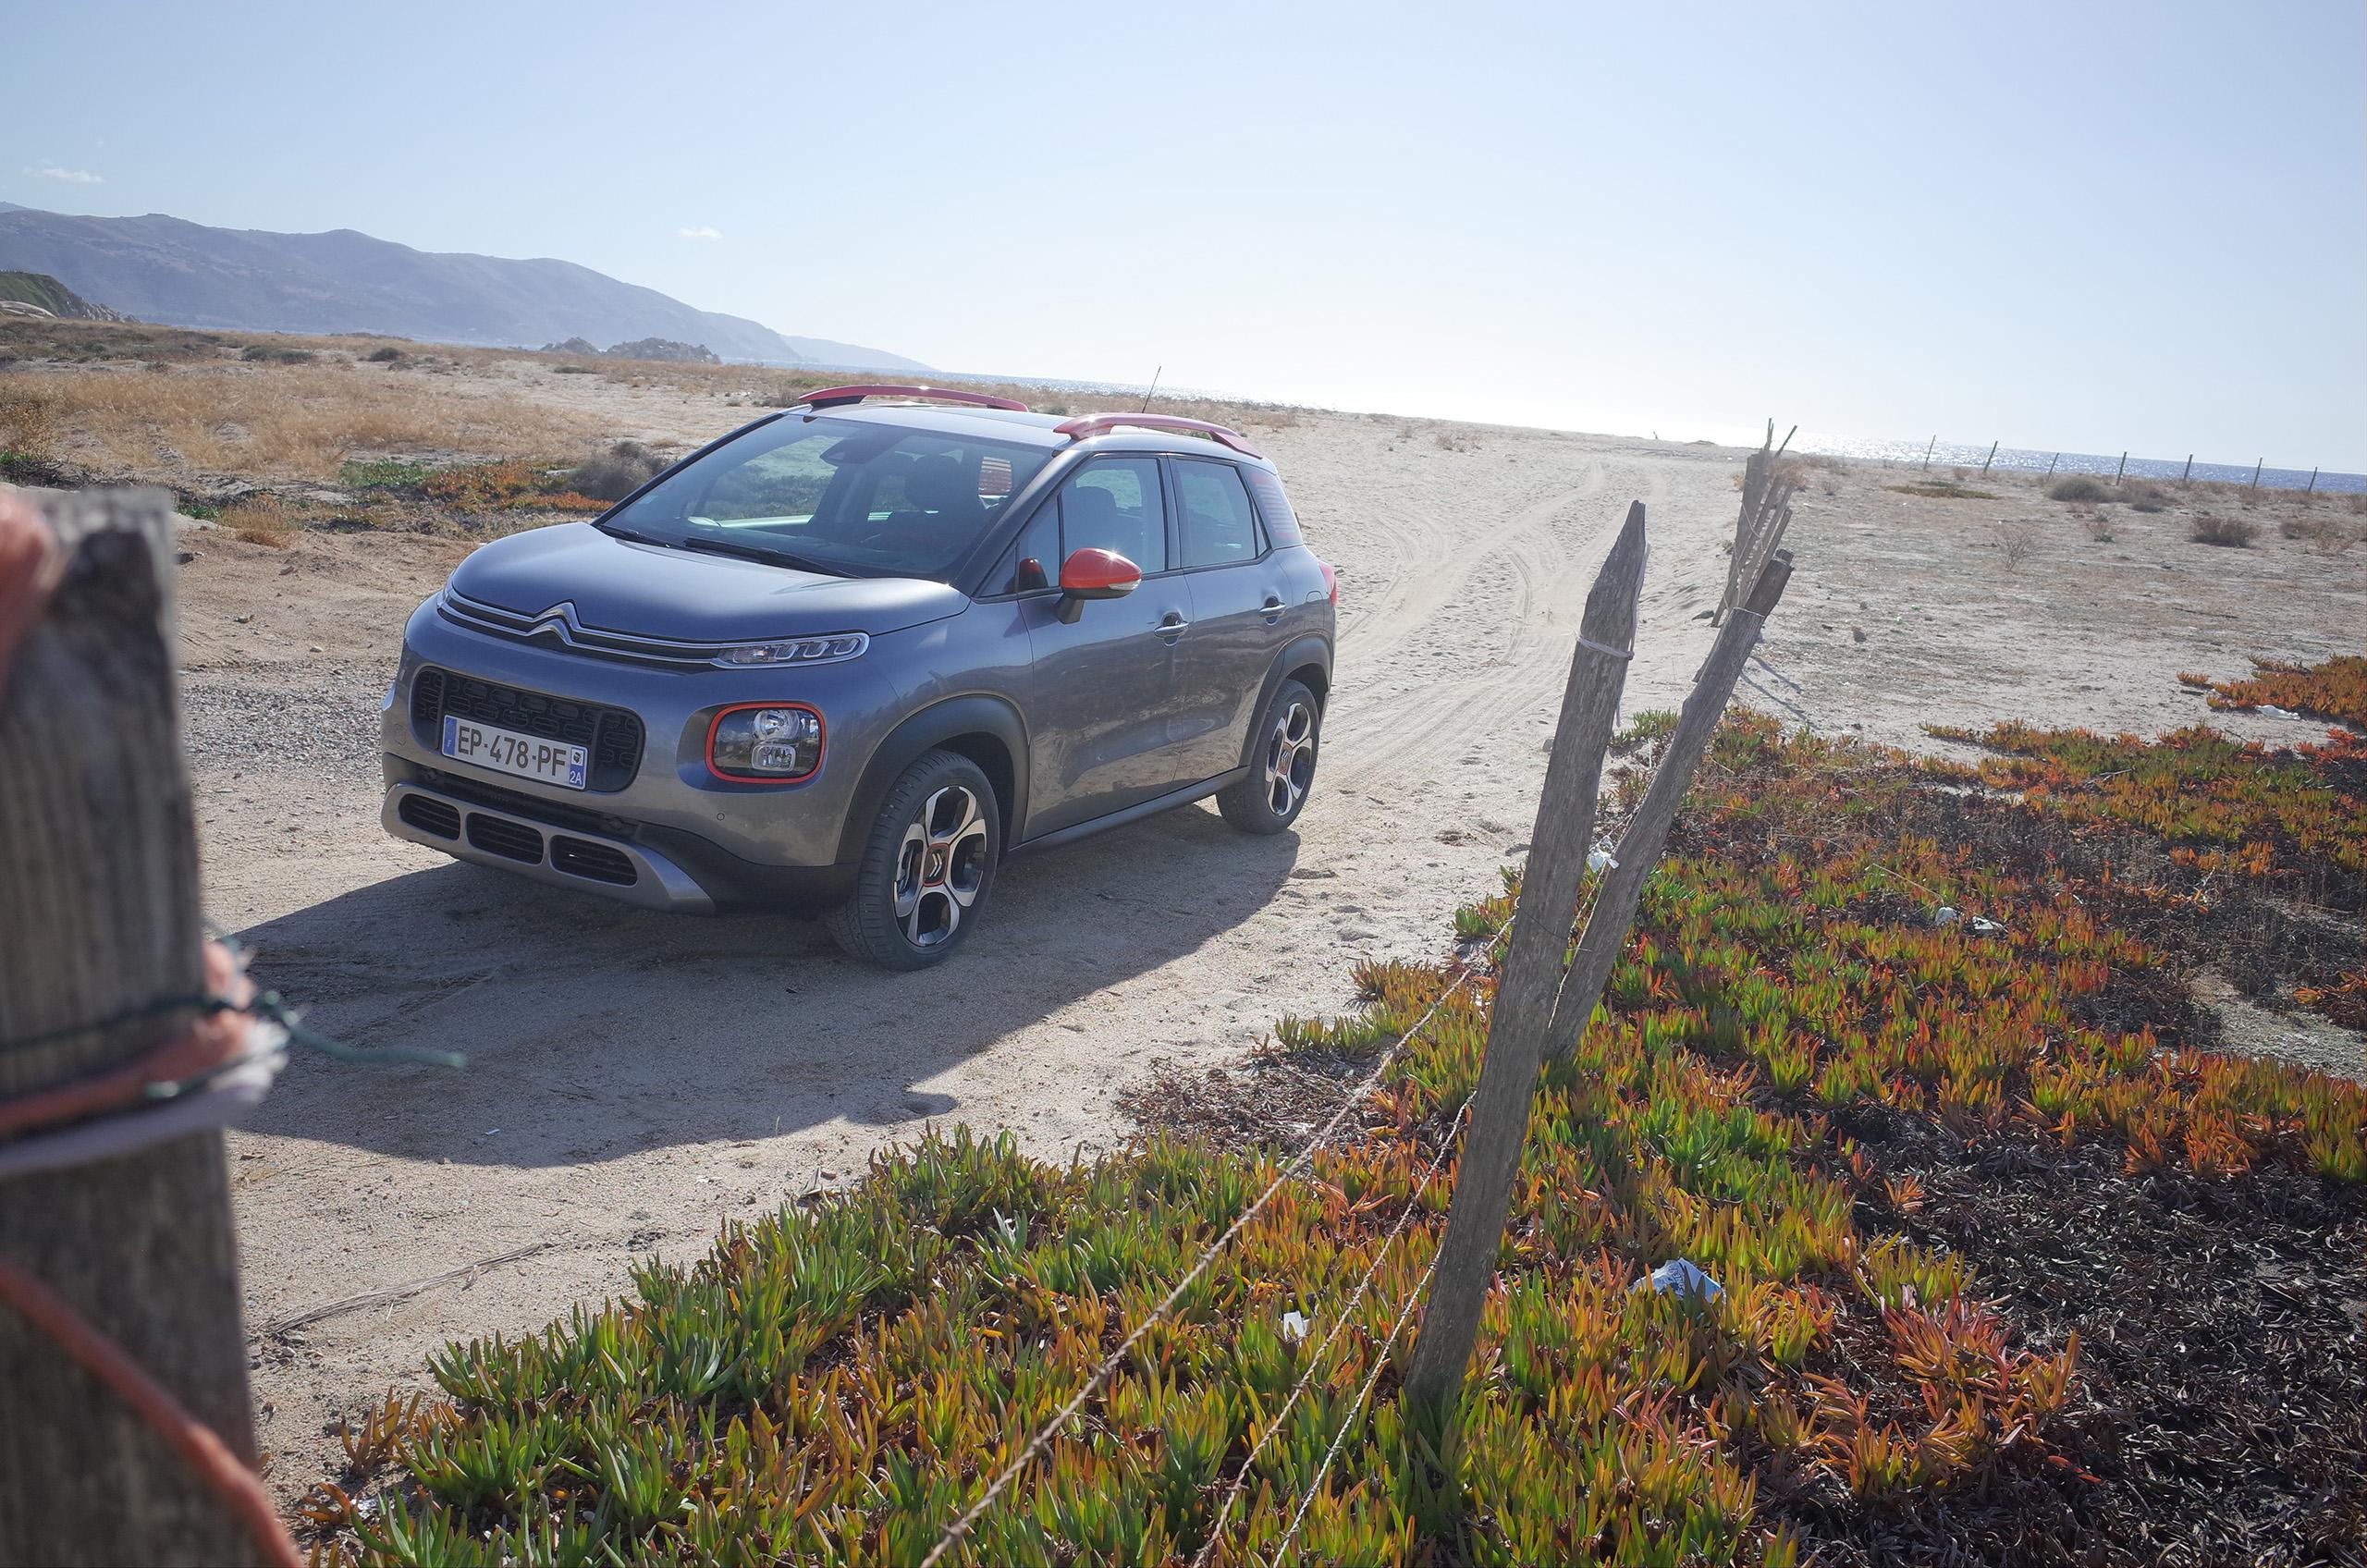 Essai de la Citroën C3 Aircross : le petit SUV pour geeks ? - FrAndroid